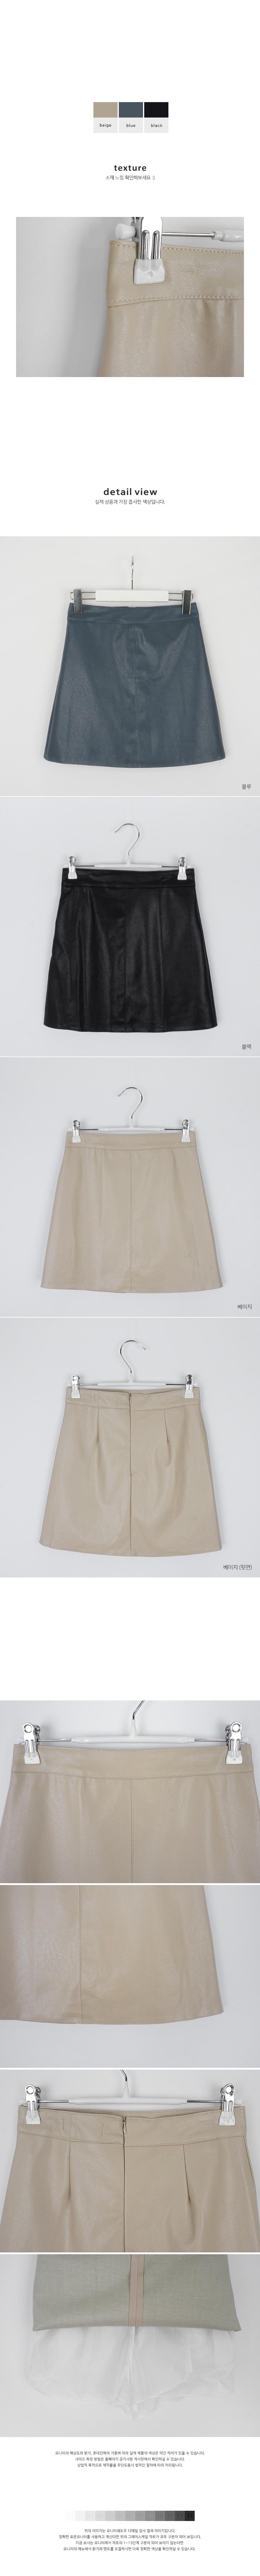 Mei Reza Skirt